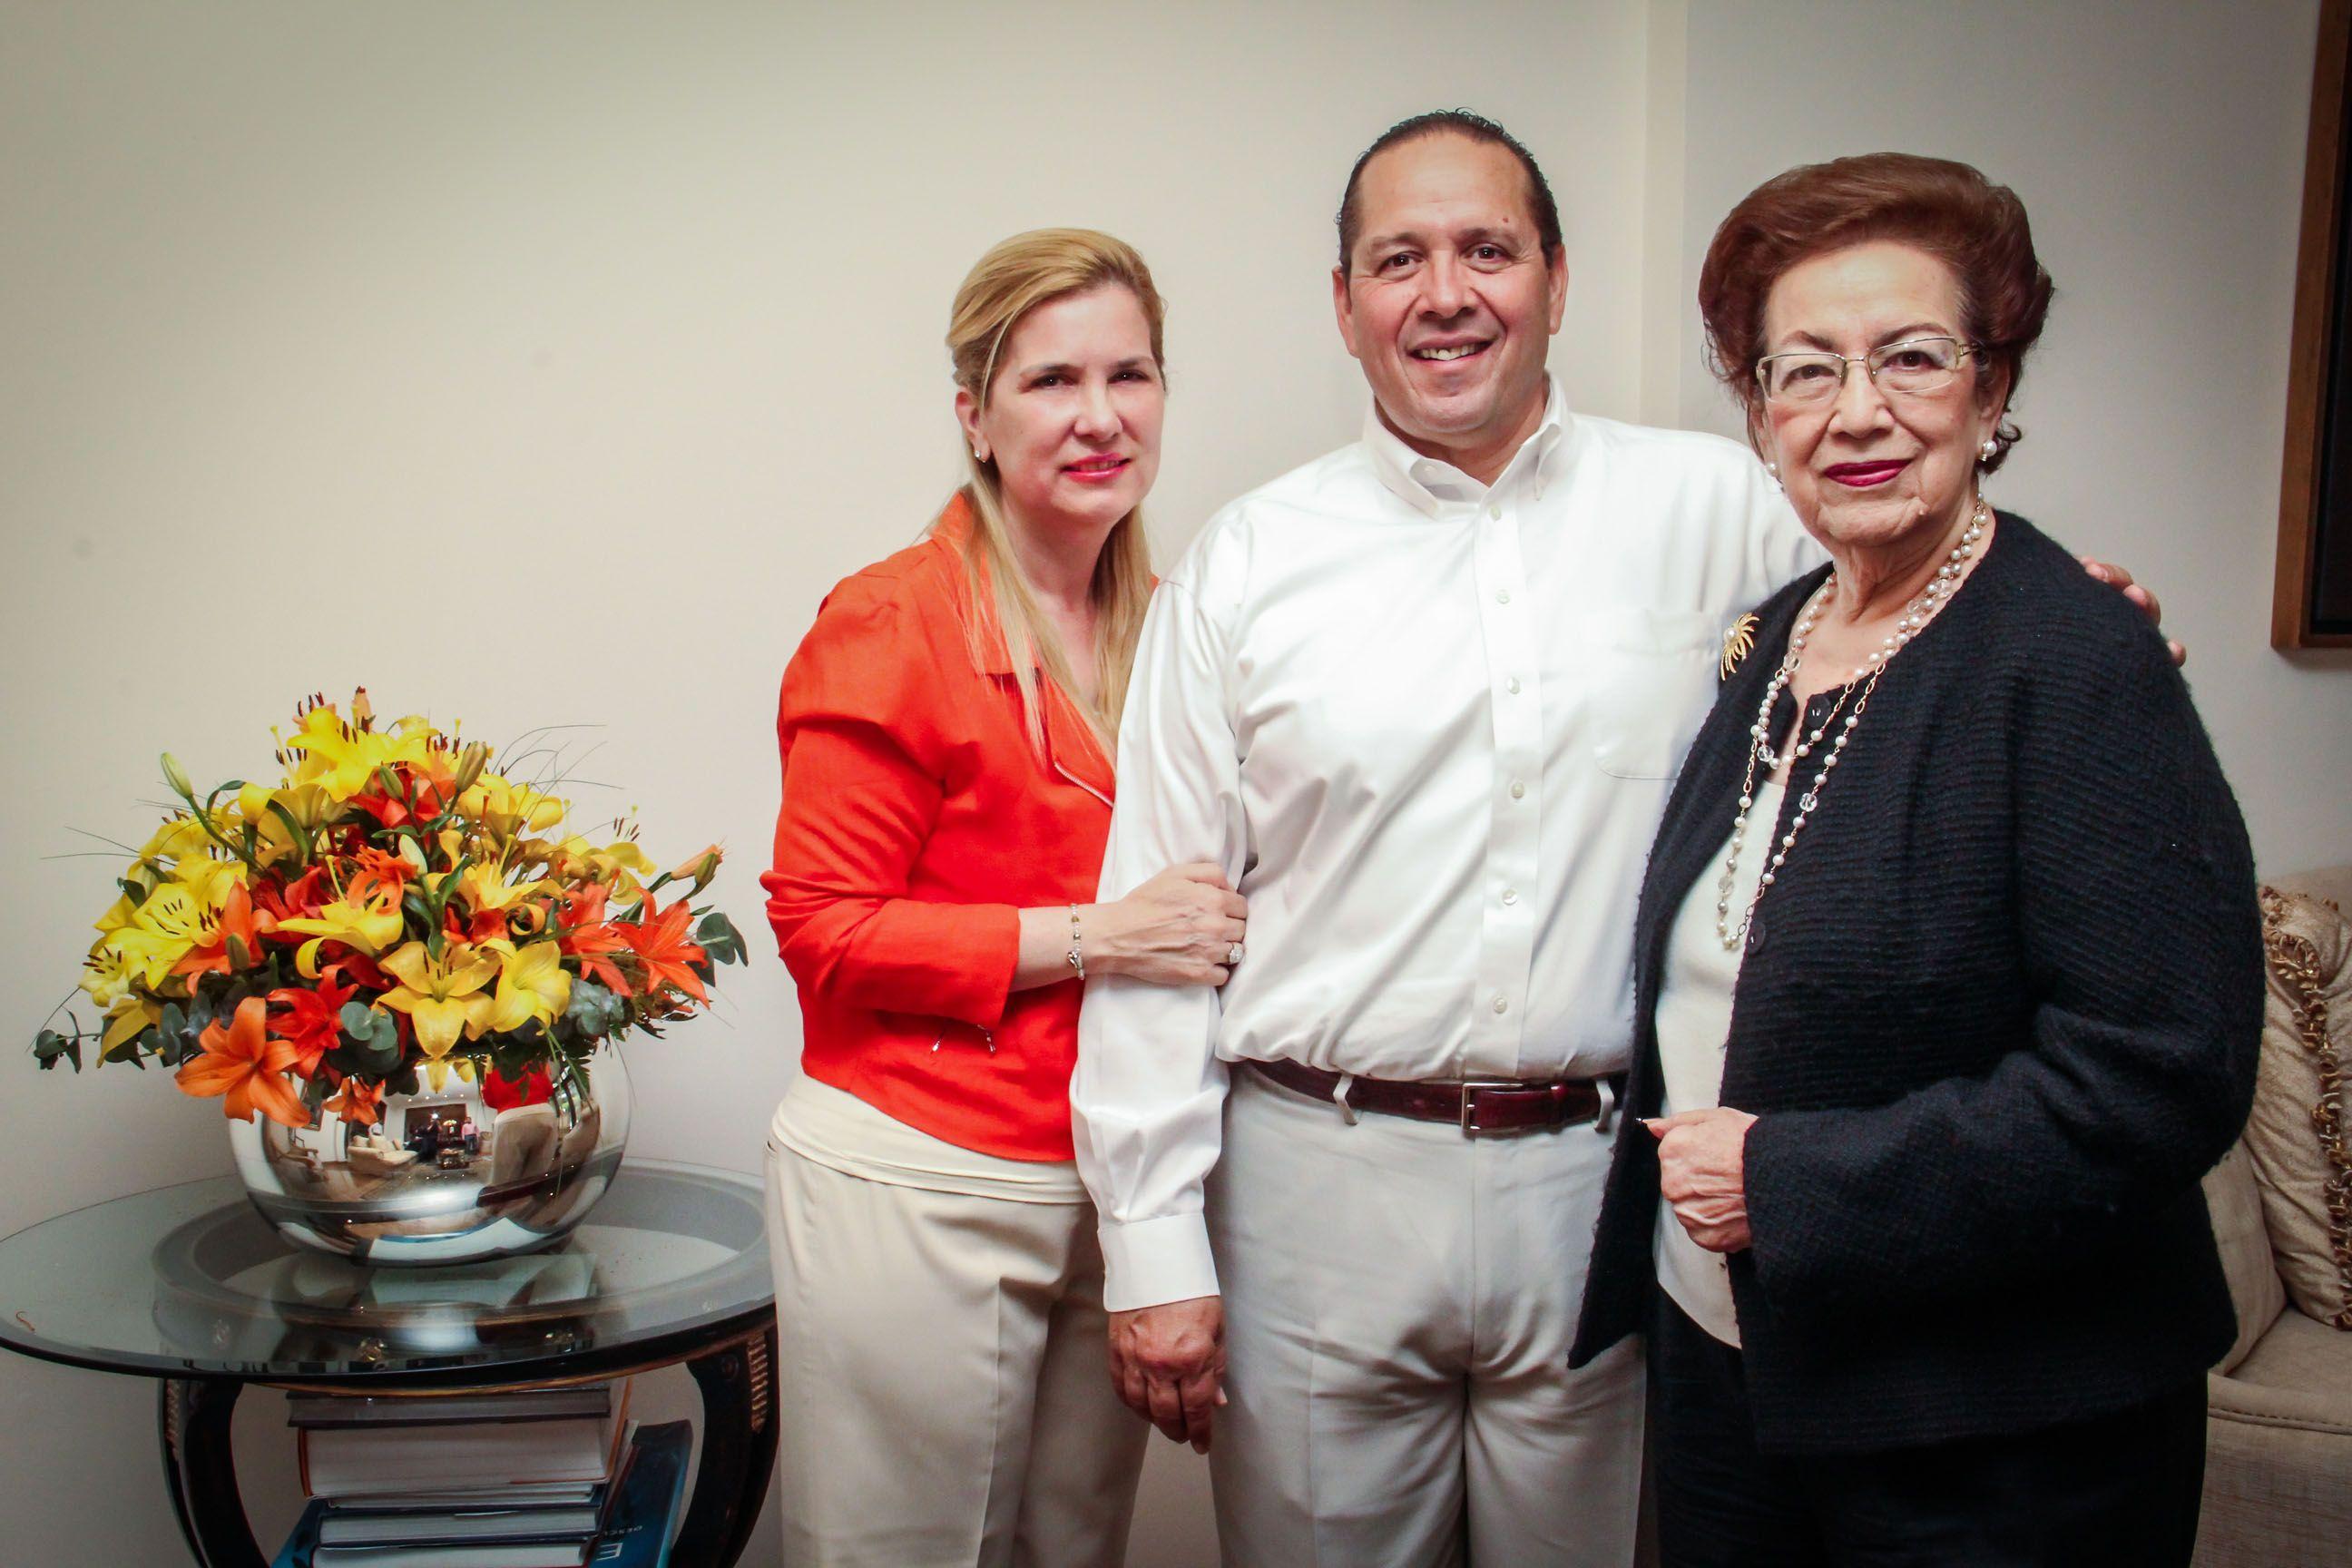 Agradezco a Dios por estas dos grandes mujeres que me llenan de felicidad a mí y a toda la familia, les mando un gran abrazo y que sigan disfrutando de la tarde, saludos!